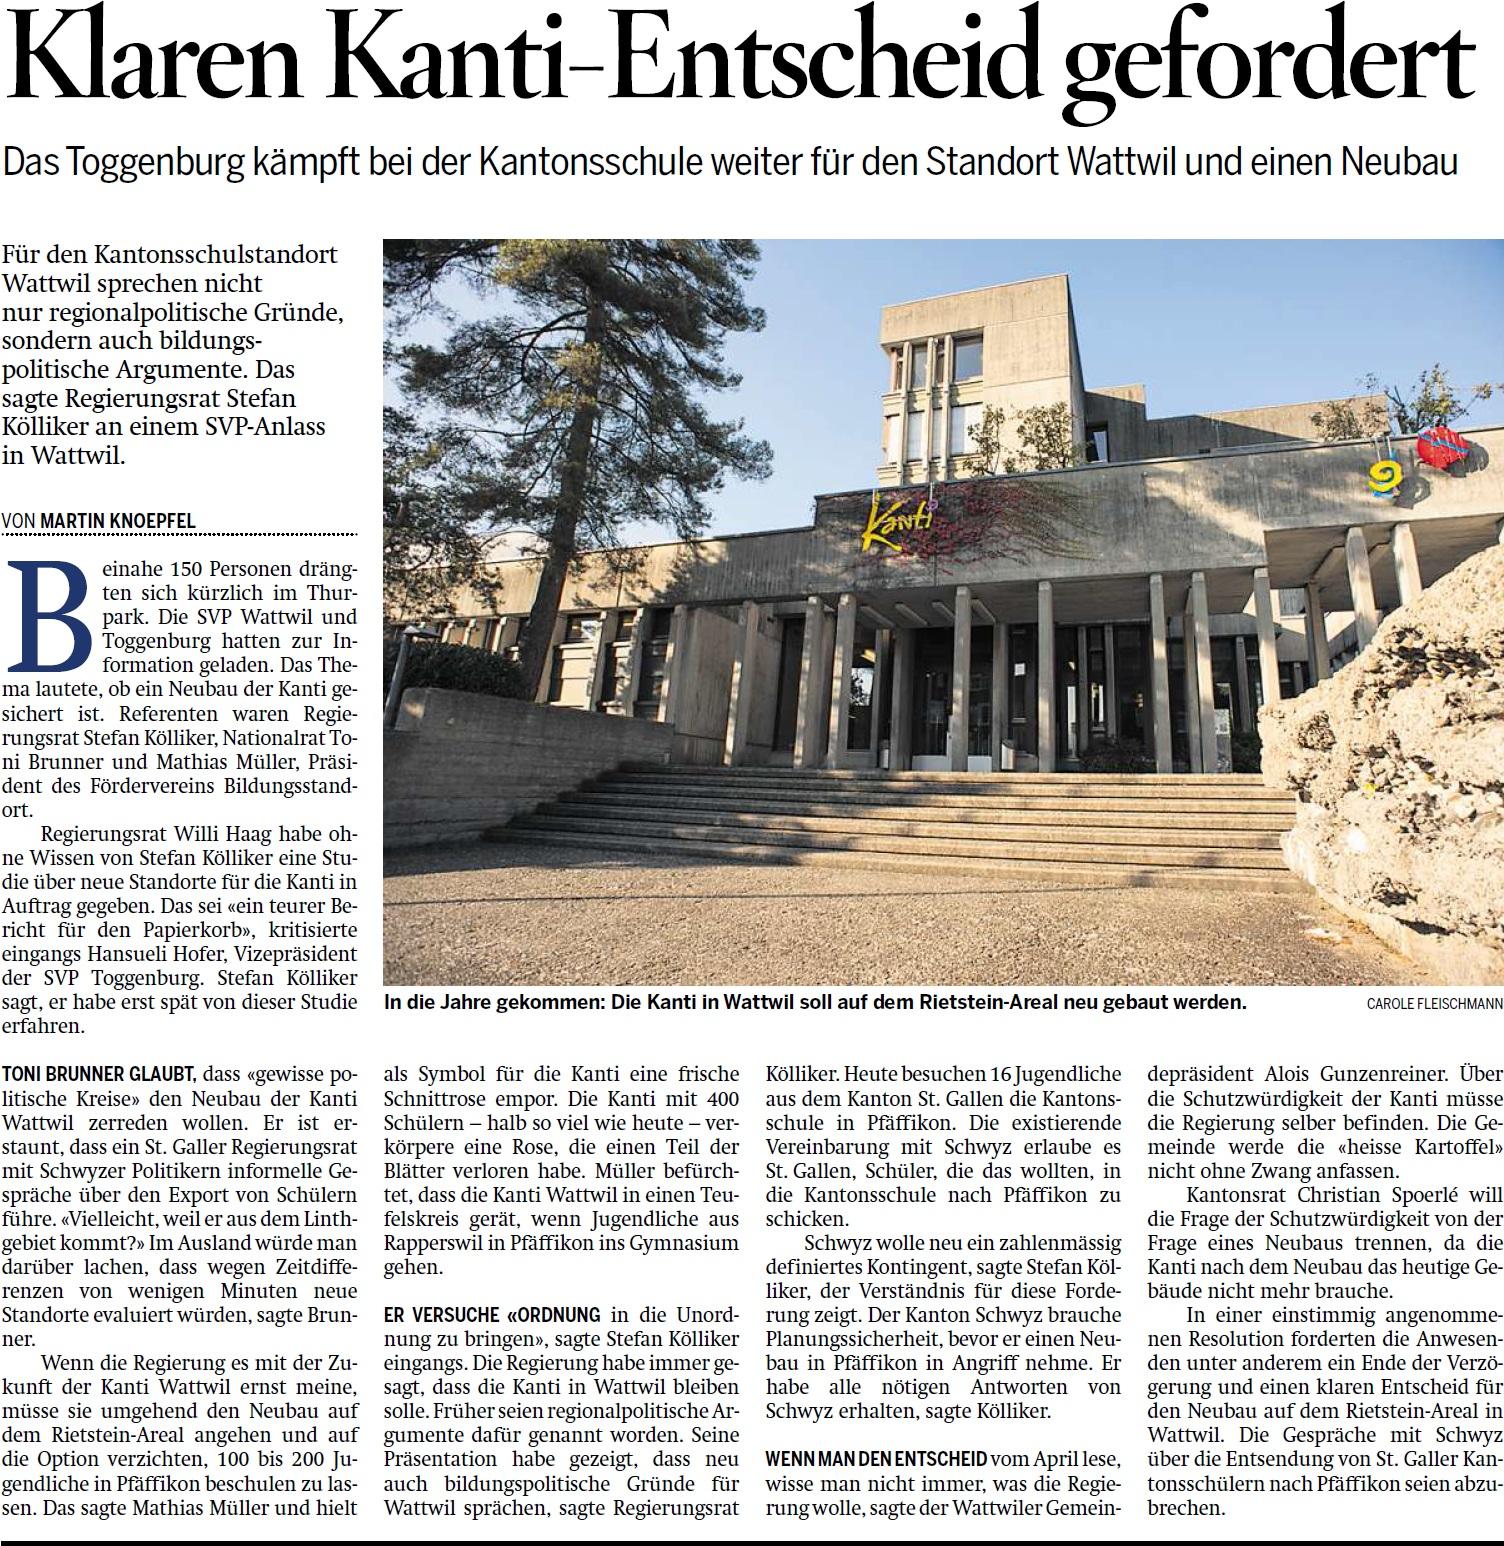 Klaren Kanti-Entscheid gefordert (Sonntag, 16.11.2014)